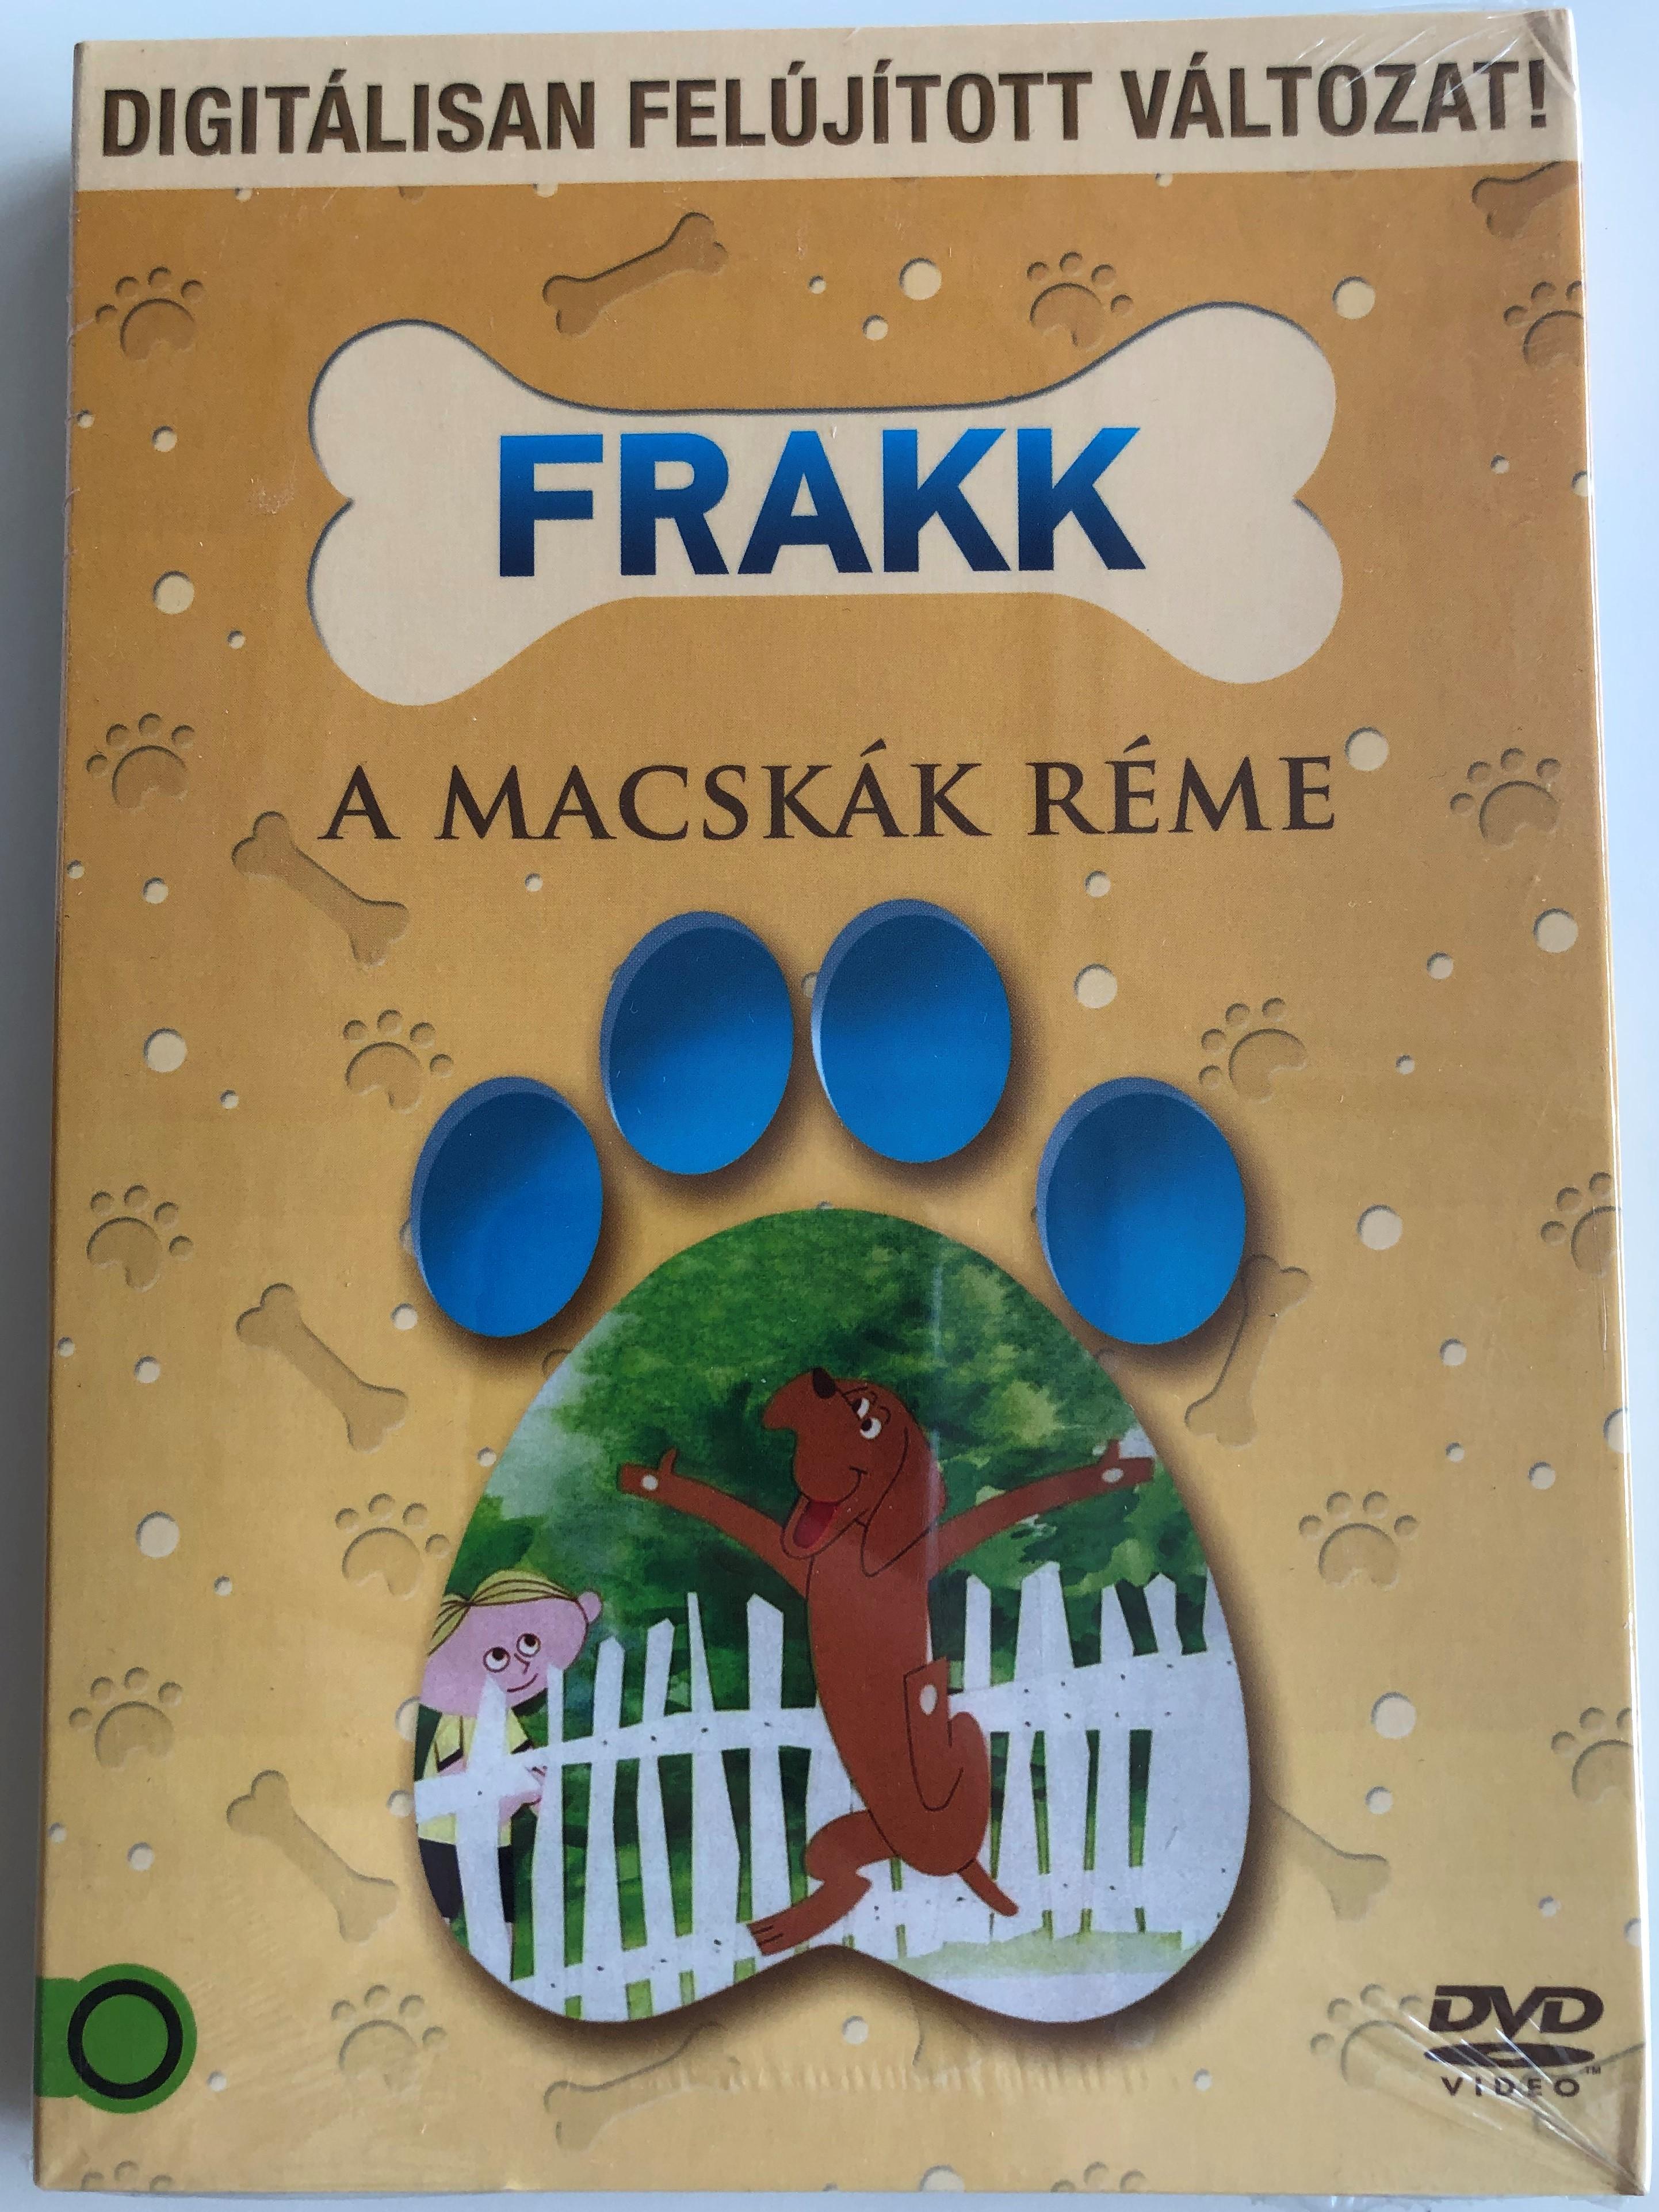 frakk-a-macsk-k-r-me-dvd-1982-directed-by-cseh-andr-s-nagy-p-l-starring-szab-gyula-schubert-va-v-radi-h-di-1.jpg